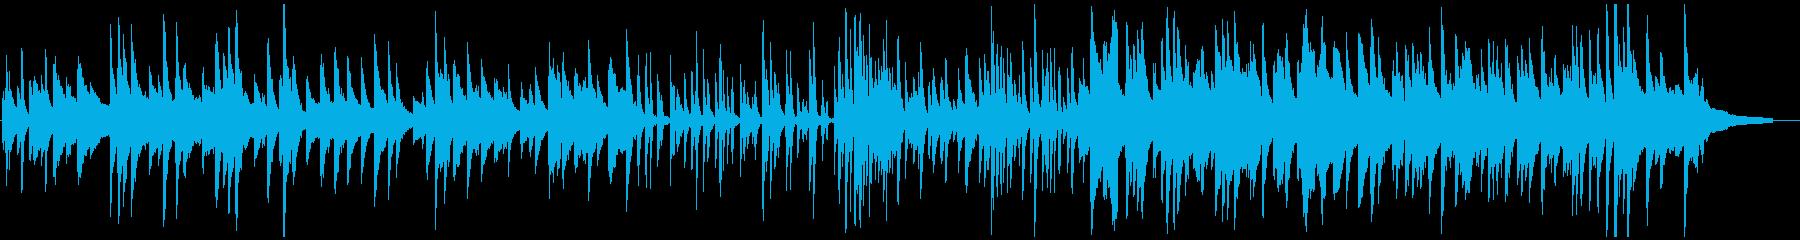 繊細で緩やかなピアノジャズの再生済みの波形